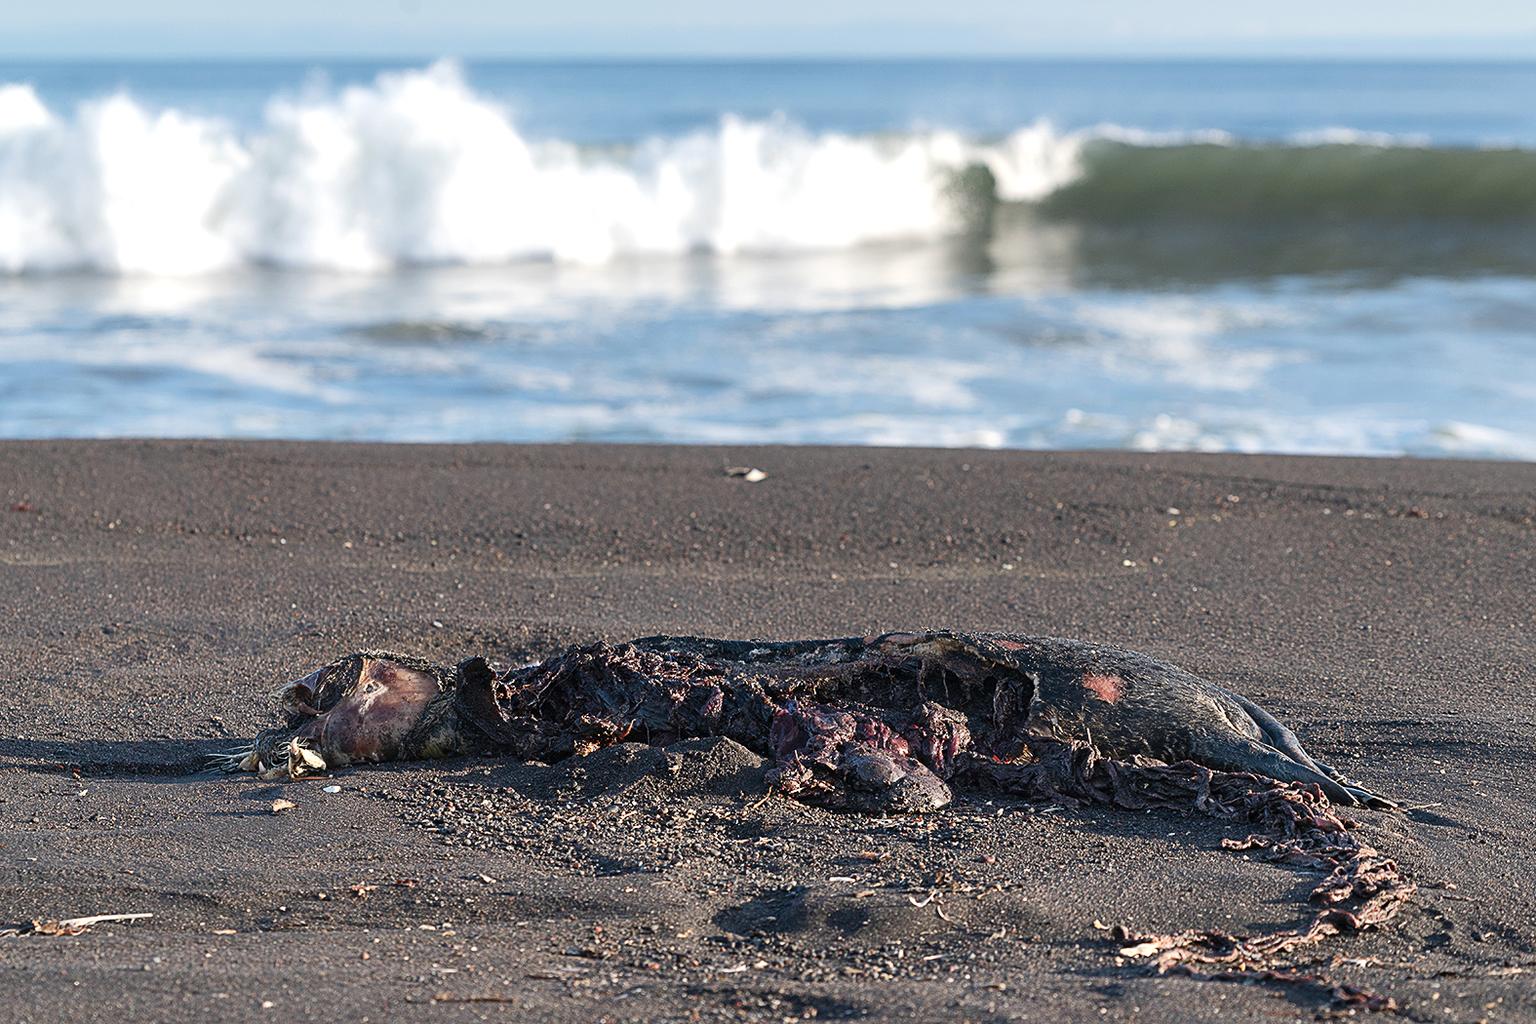 Elpusztult oroszlánfóka a kamcsatkai Avacsa-öbölben 2020. október 6-án #moszkvater